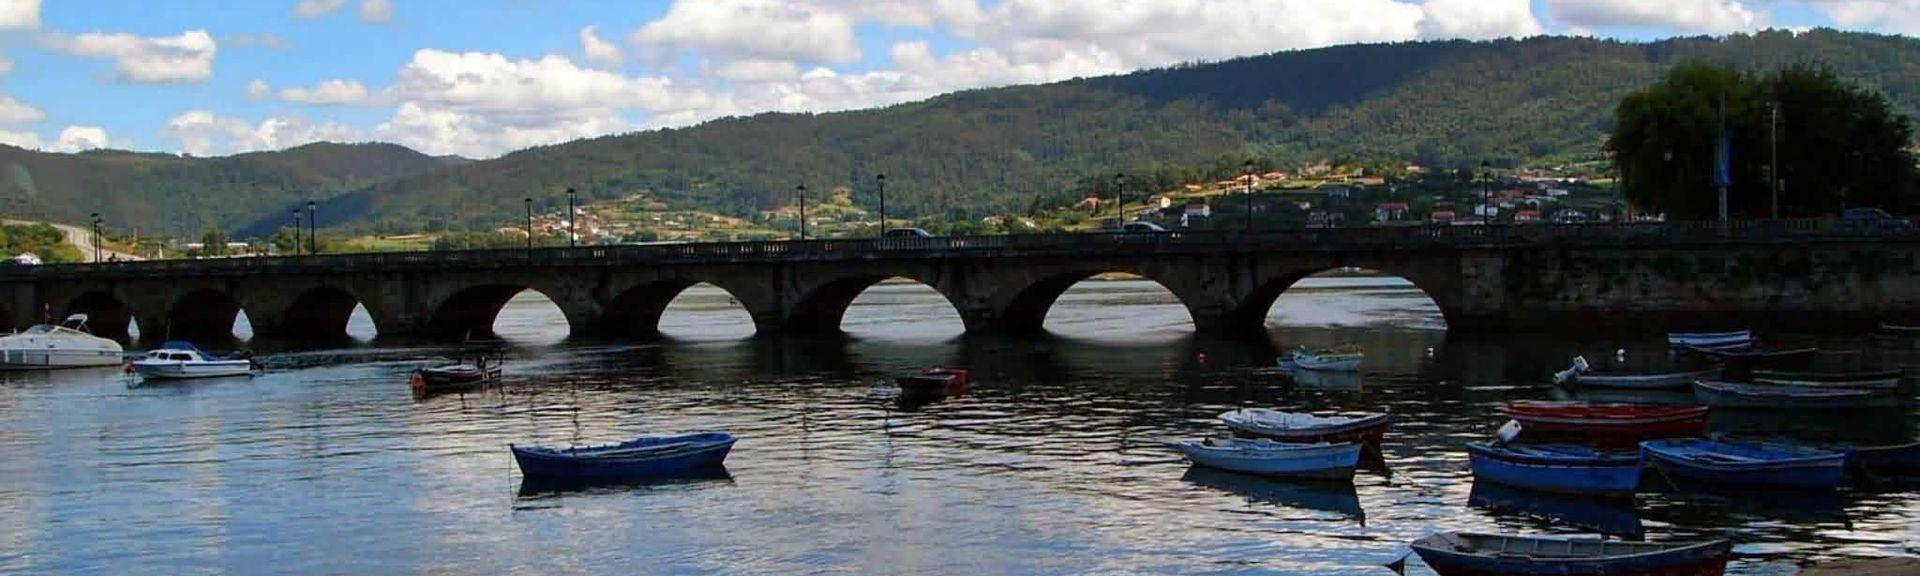 Oleiros, Galicien, Spanien